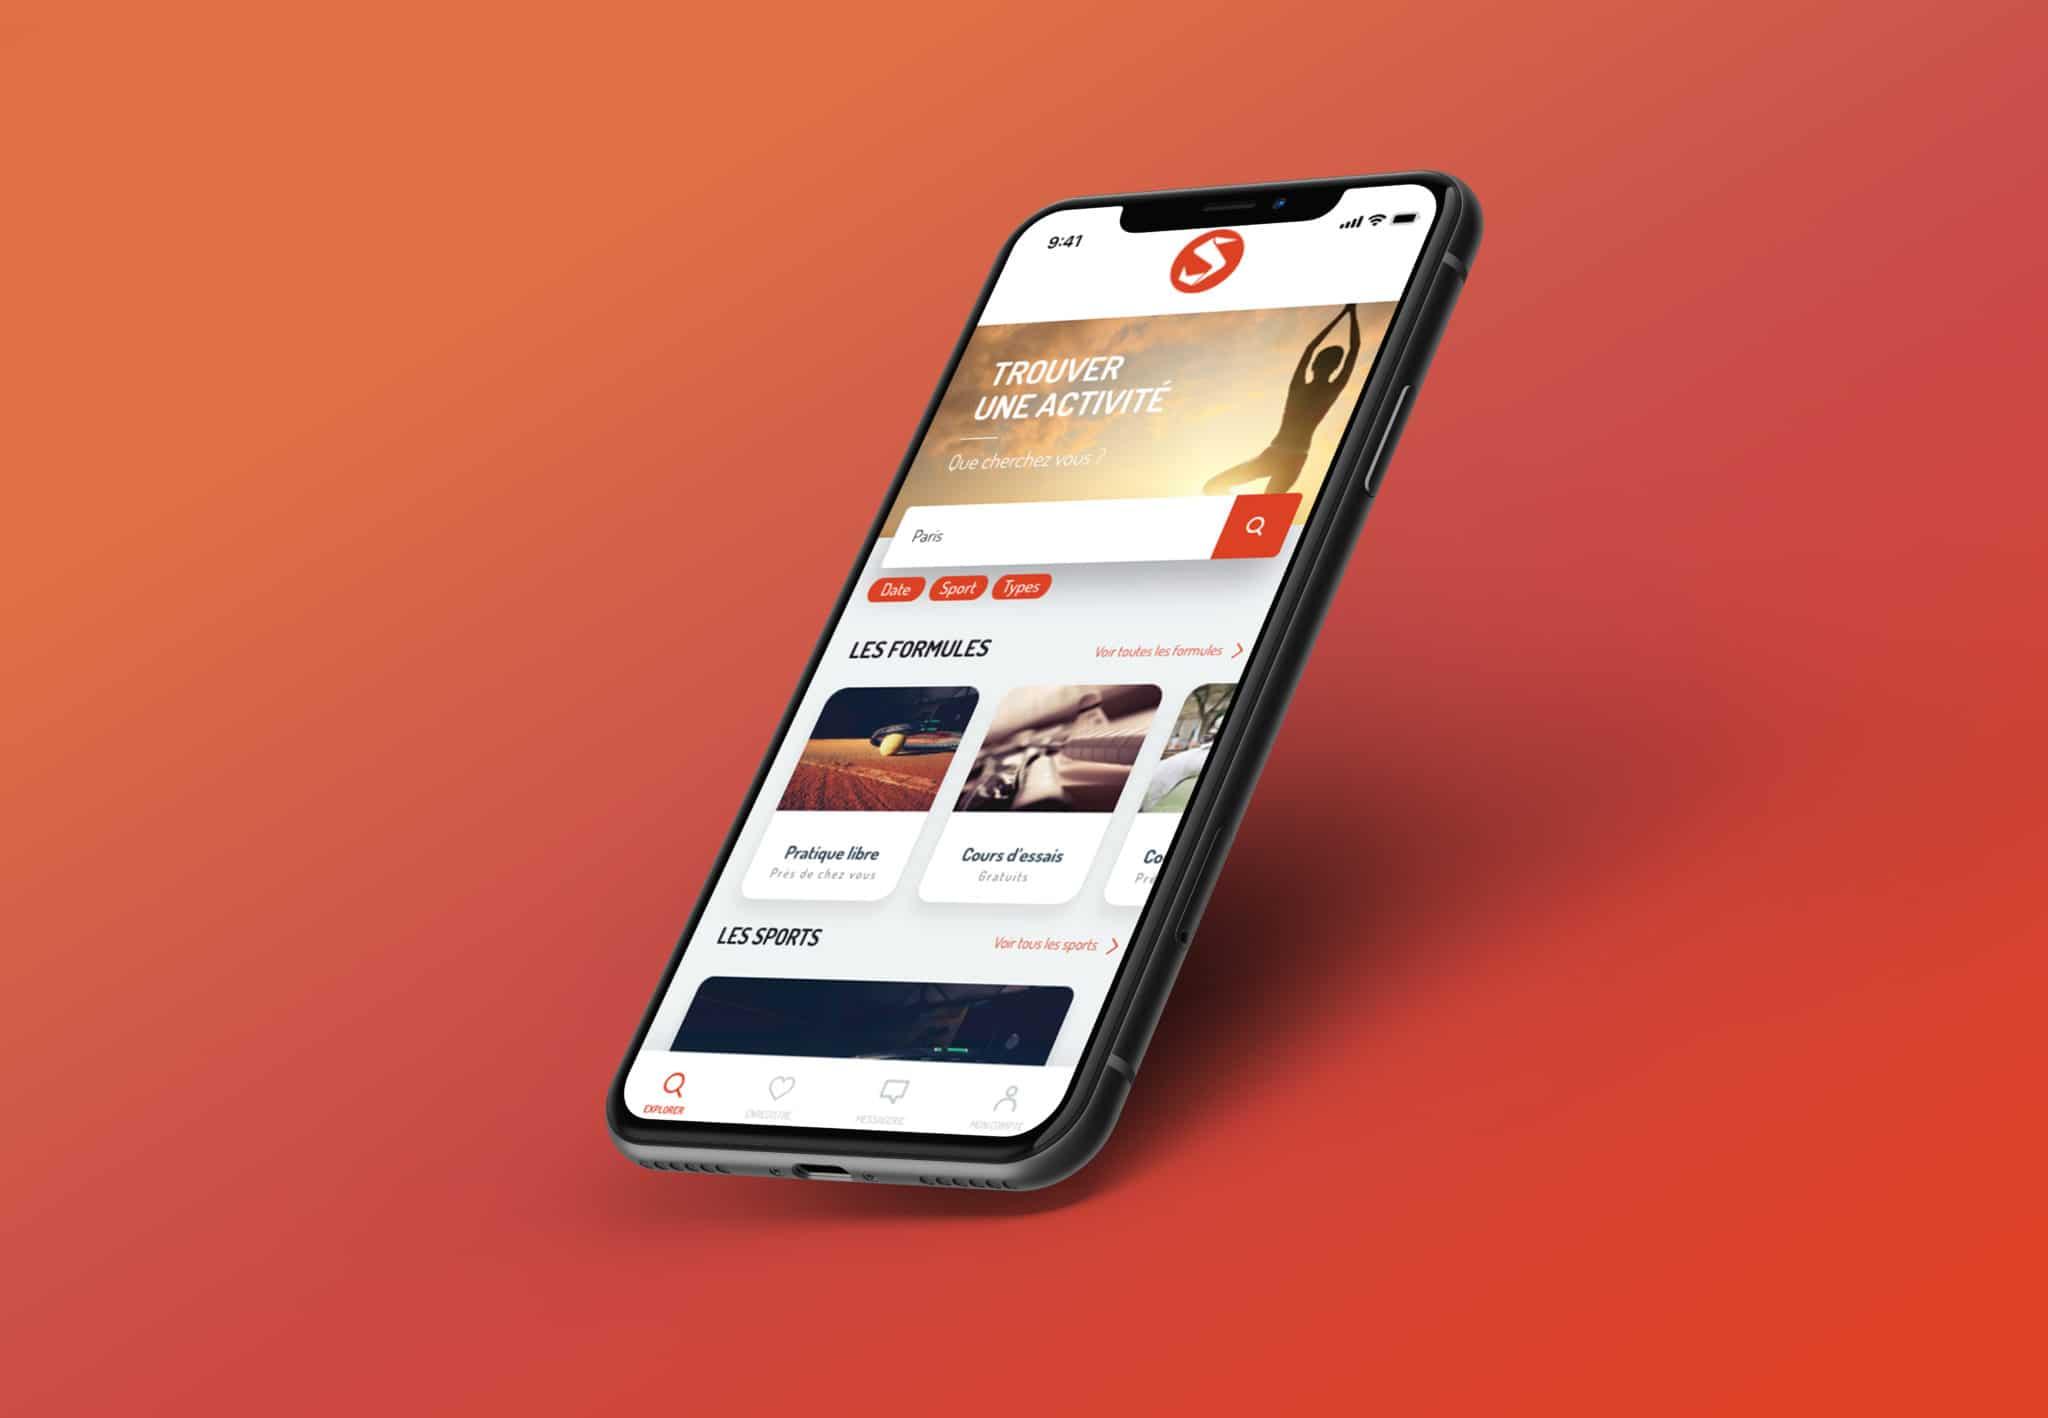 Mise en situation de l'écran d'accueil de l'appli OUICSPORT dans un téléphone